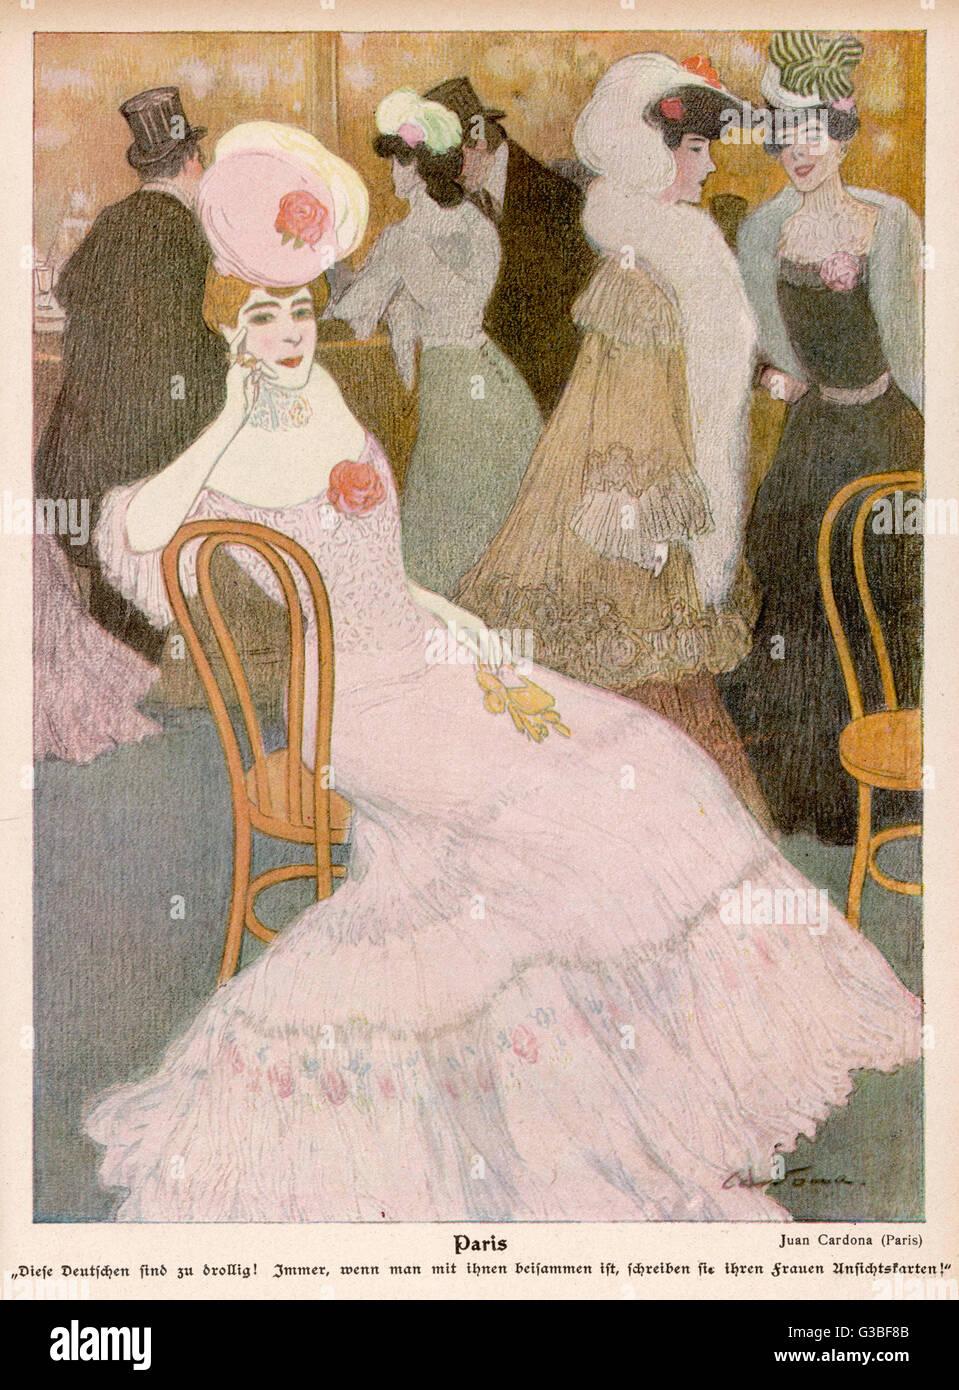 Un parigino alla moda in un abito rosa con un giogo traslucido & floral corpetto & una fluente mantello, Immagini Stock